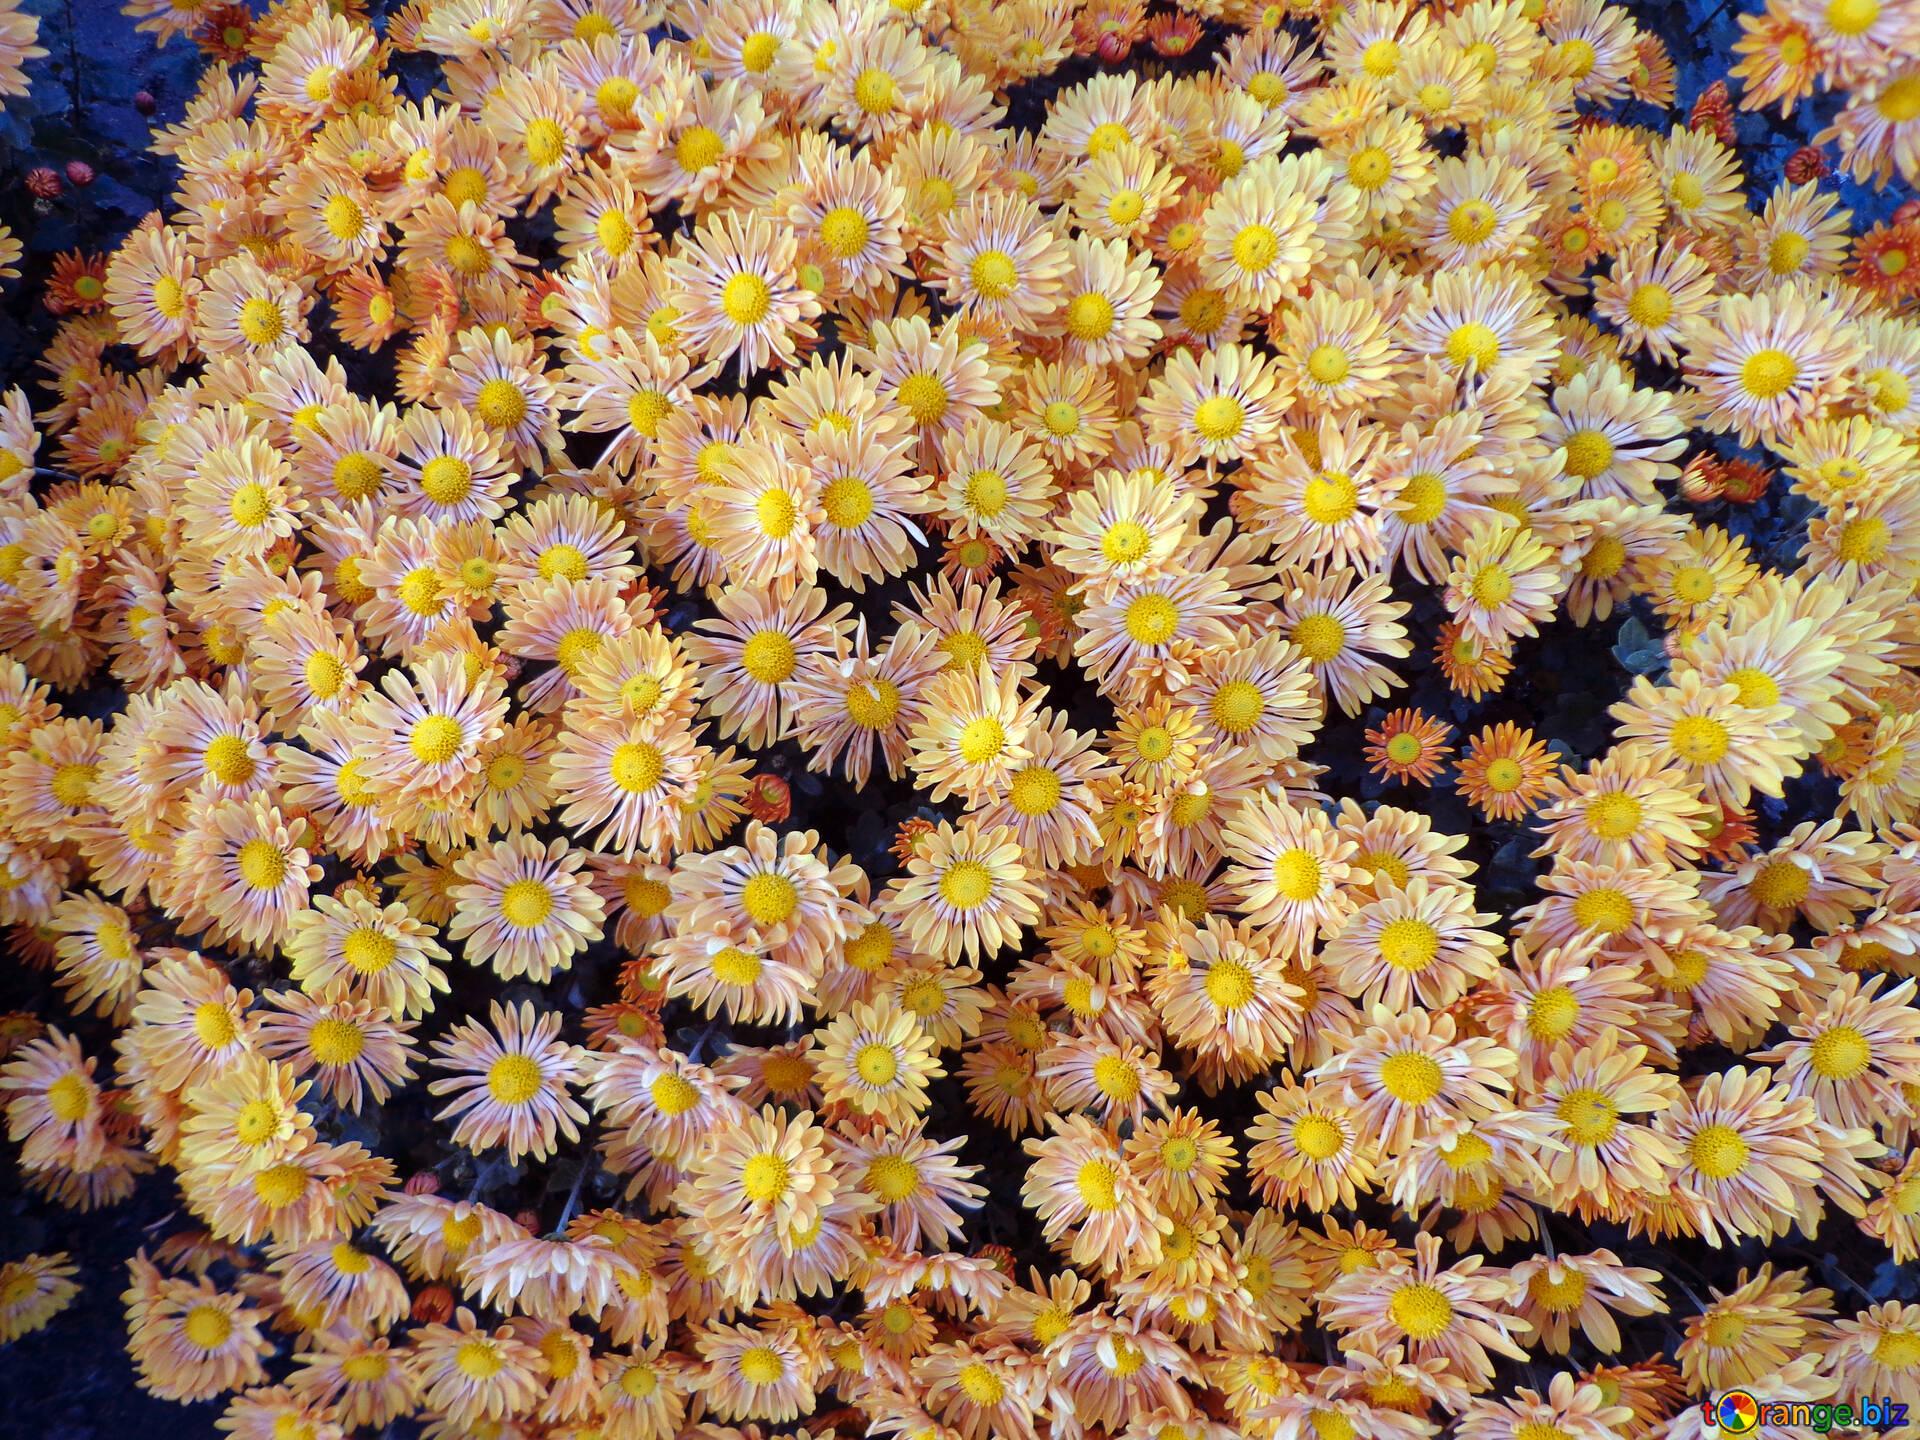 кусты хризантем картинки еще важнее